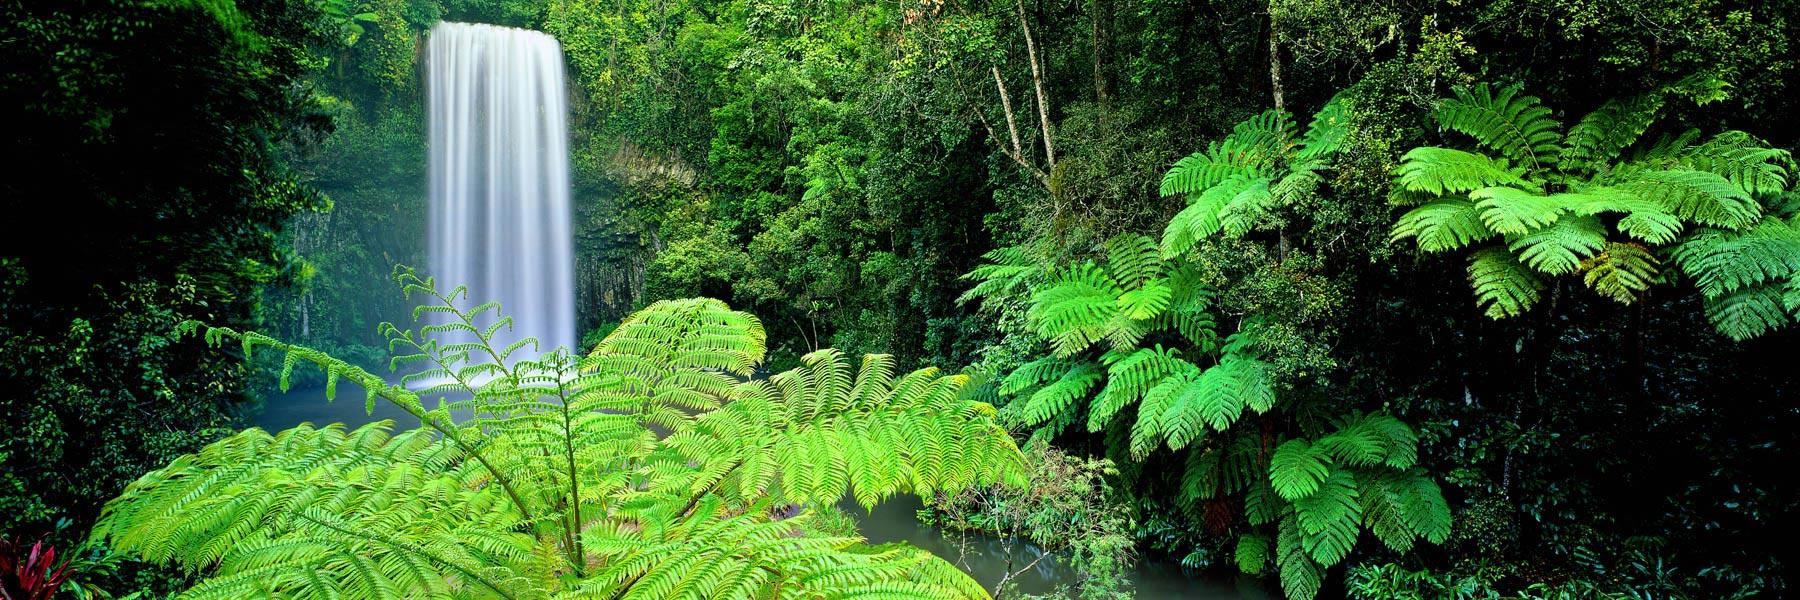 Millaa Millaa Falls, Atherton, Tableland, Qld, Australia.